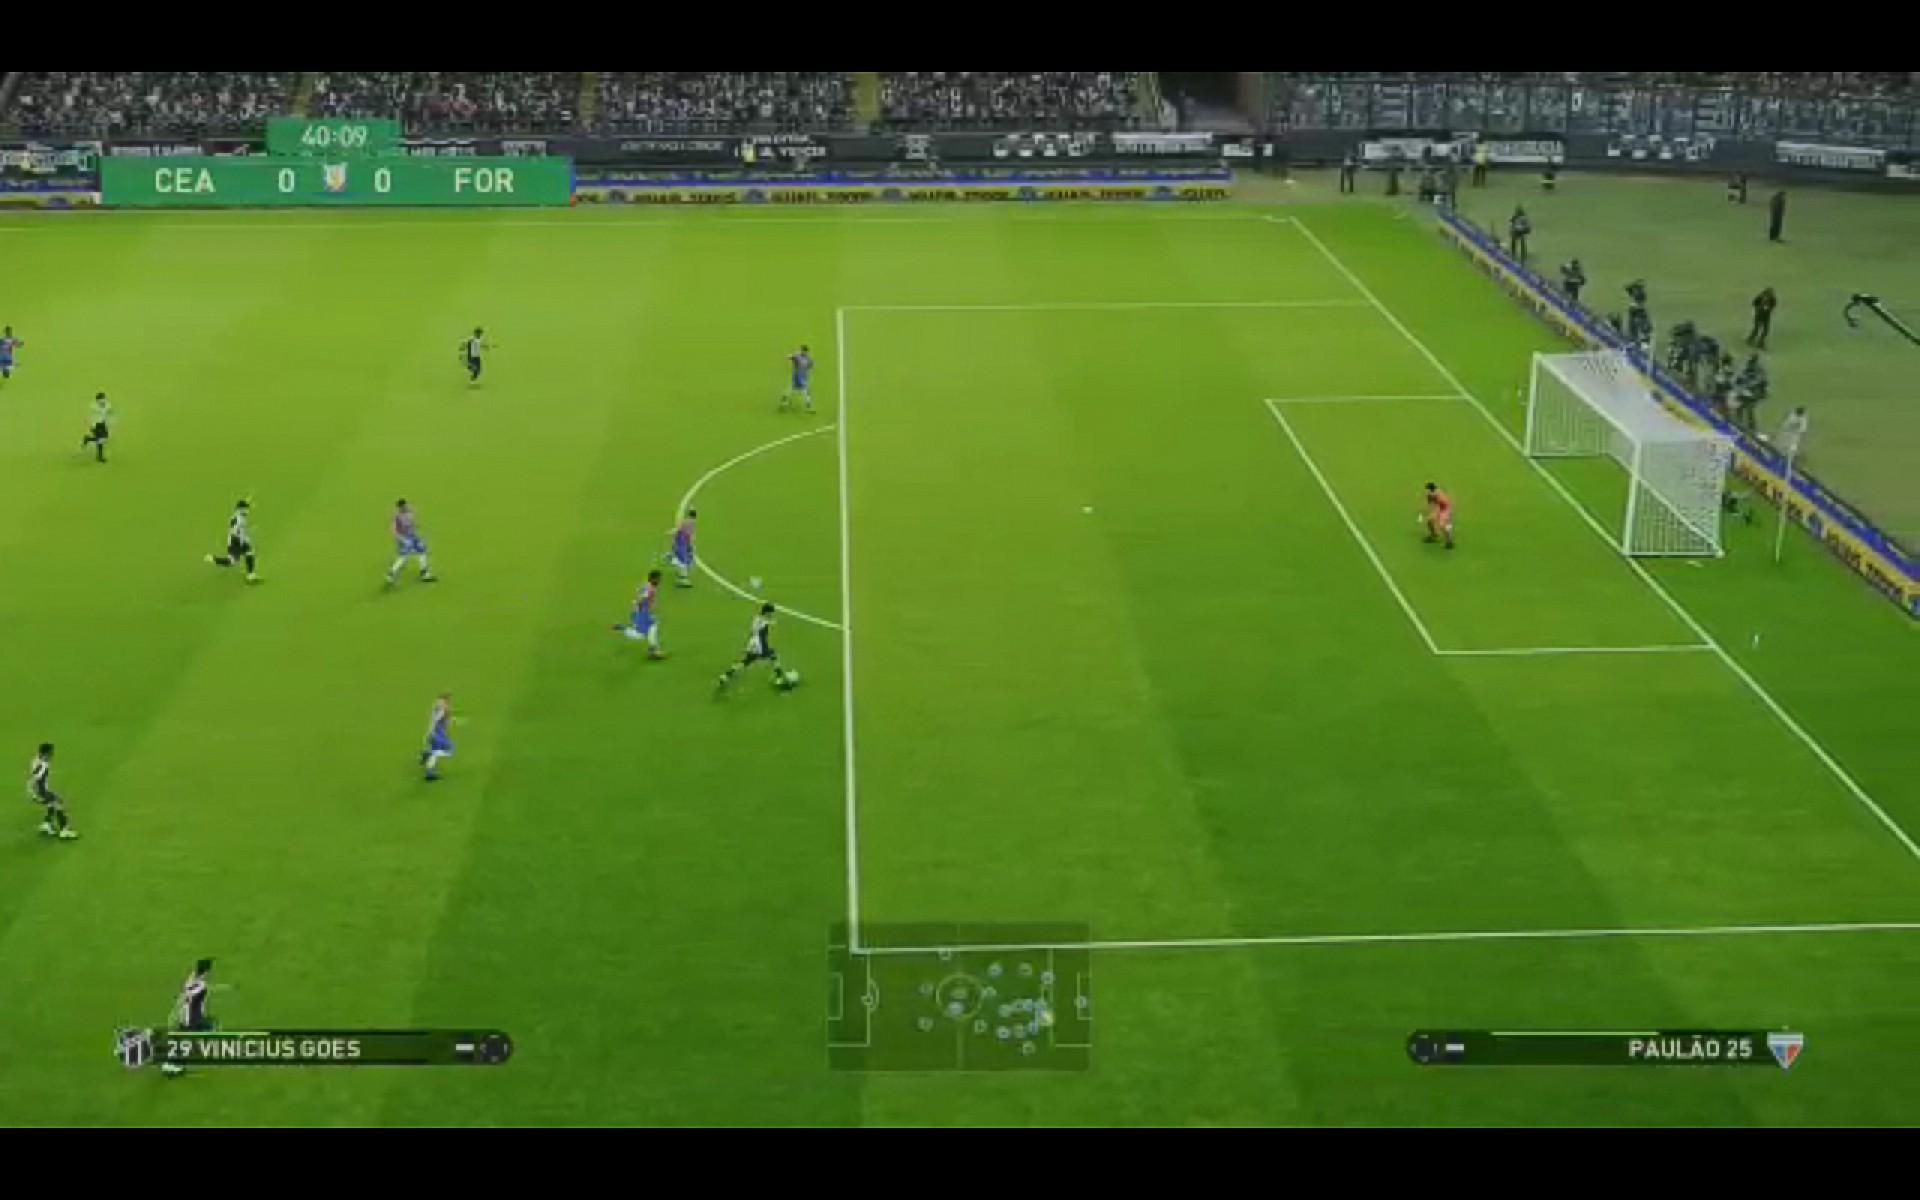 26 de fevereiro de 2021, Imagem reprodução PES 2021 do jogo entre ceara x fortaleza. (Foto Reprodução)